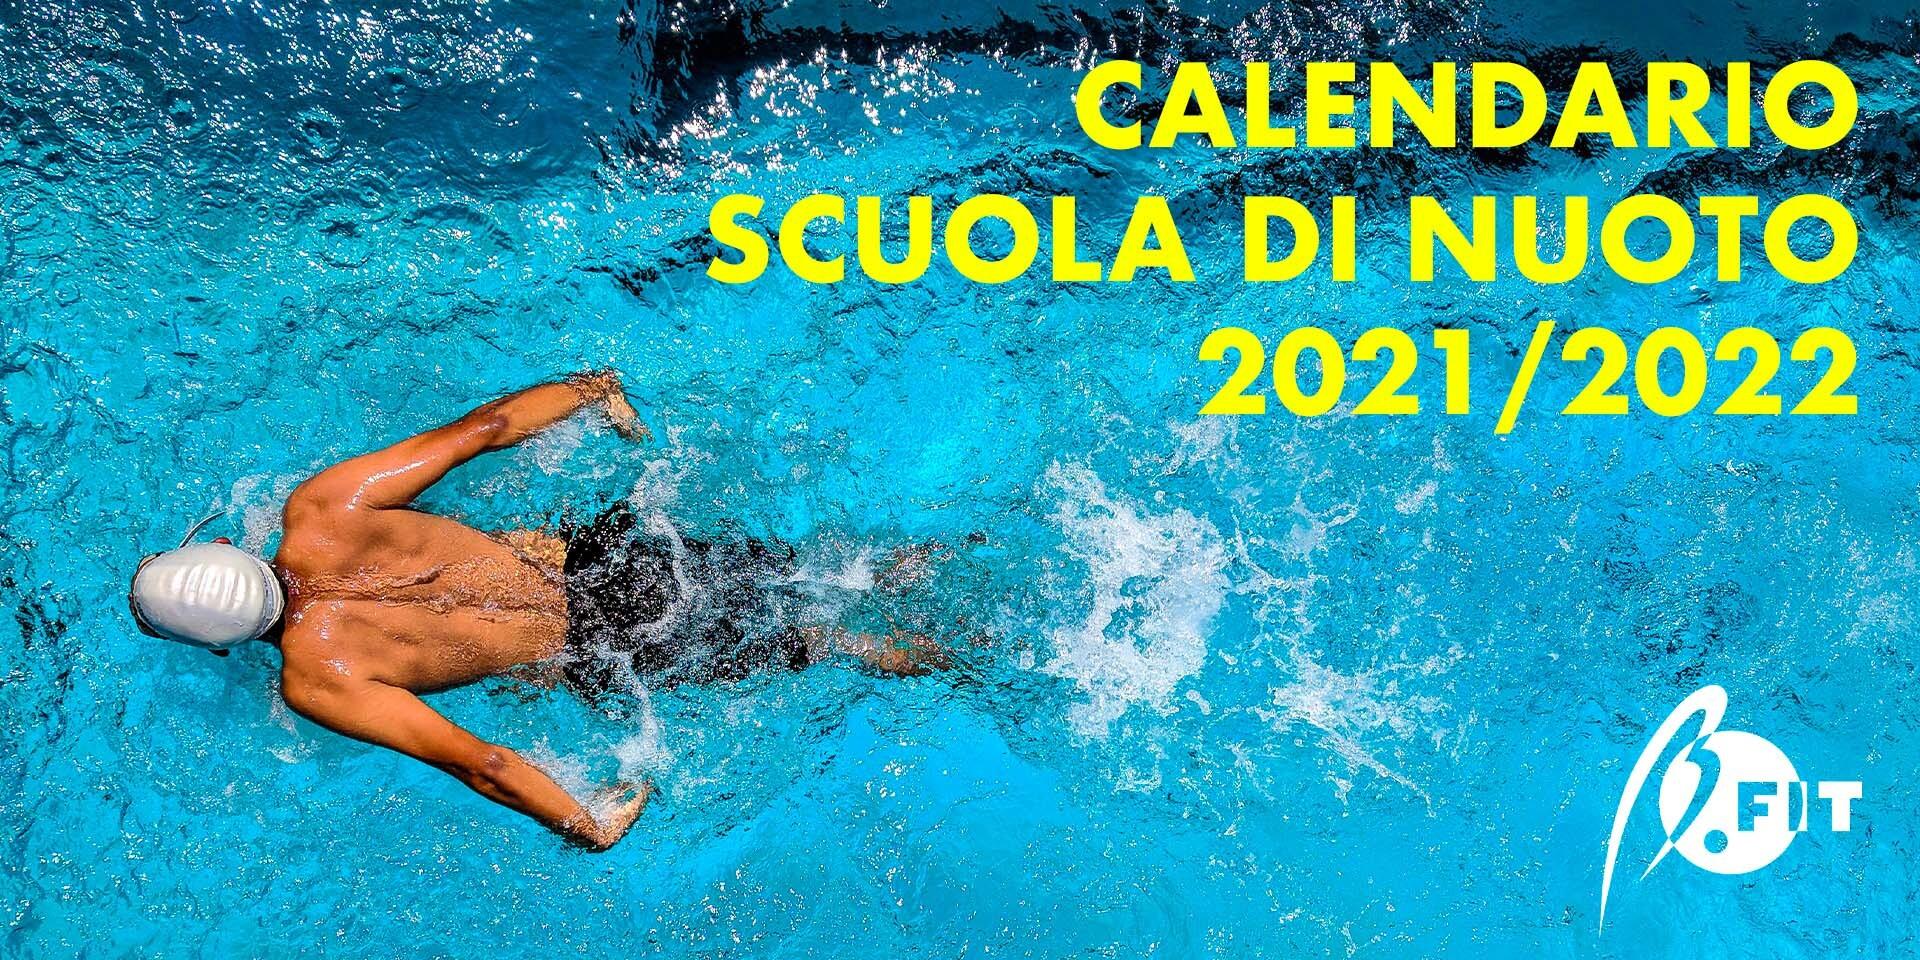 Banner calendario scuola di nuoto 2021